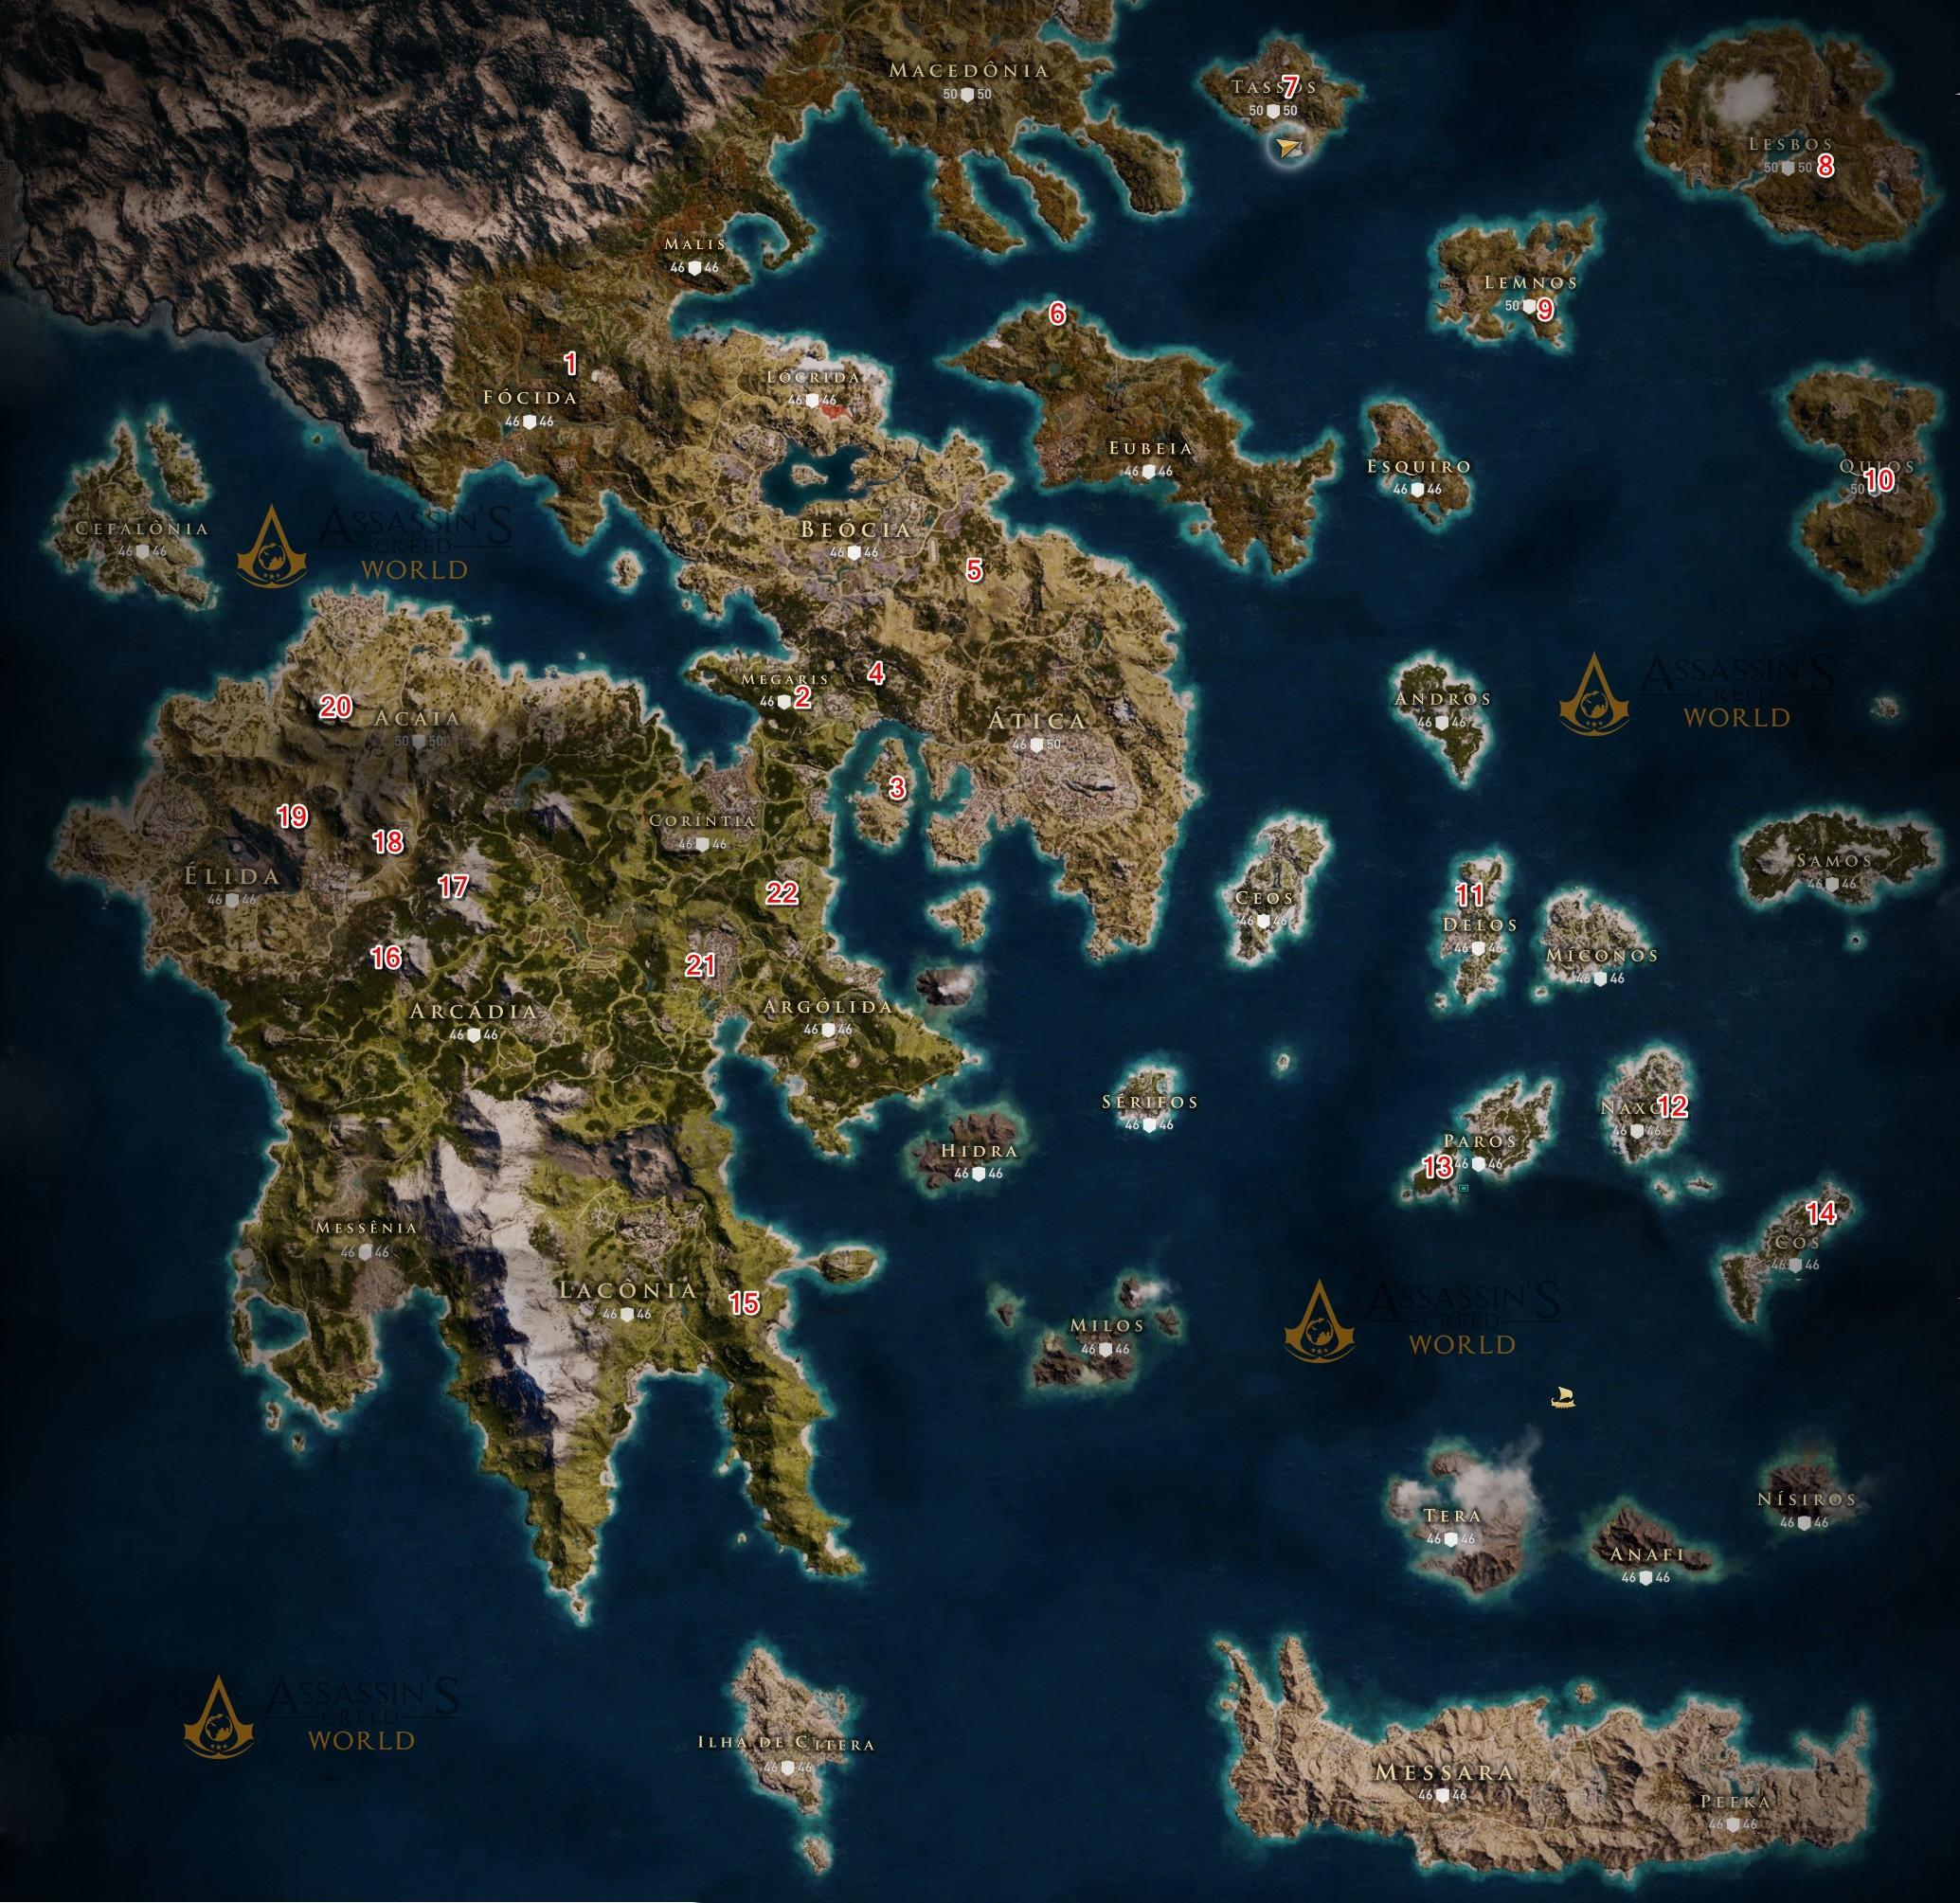 Mapa das Tumbas de Estela - Assassin's Creed Odyssey 2